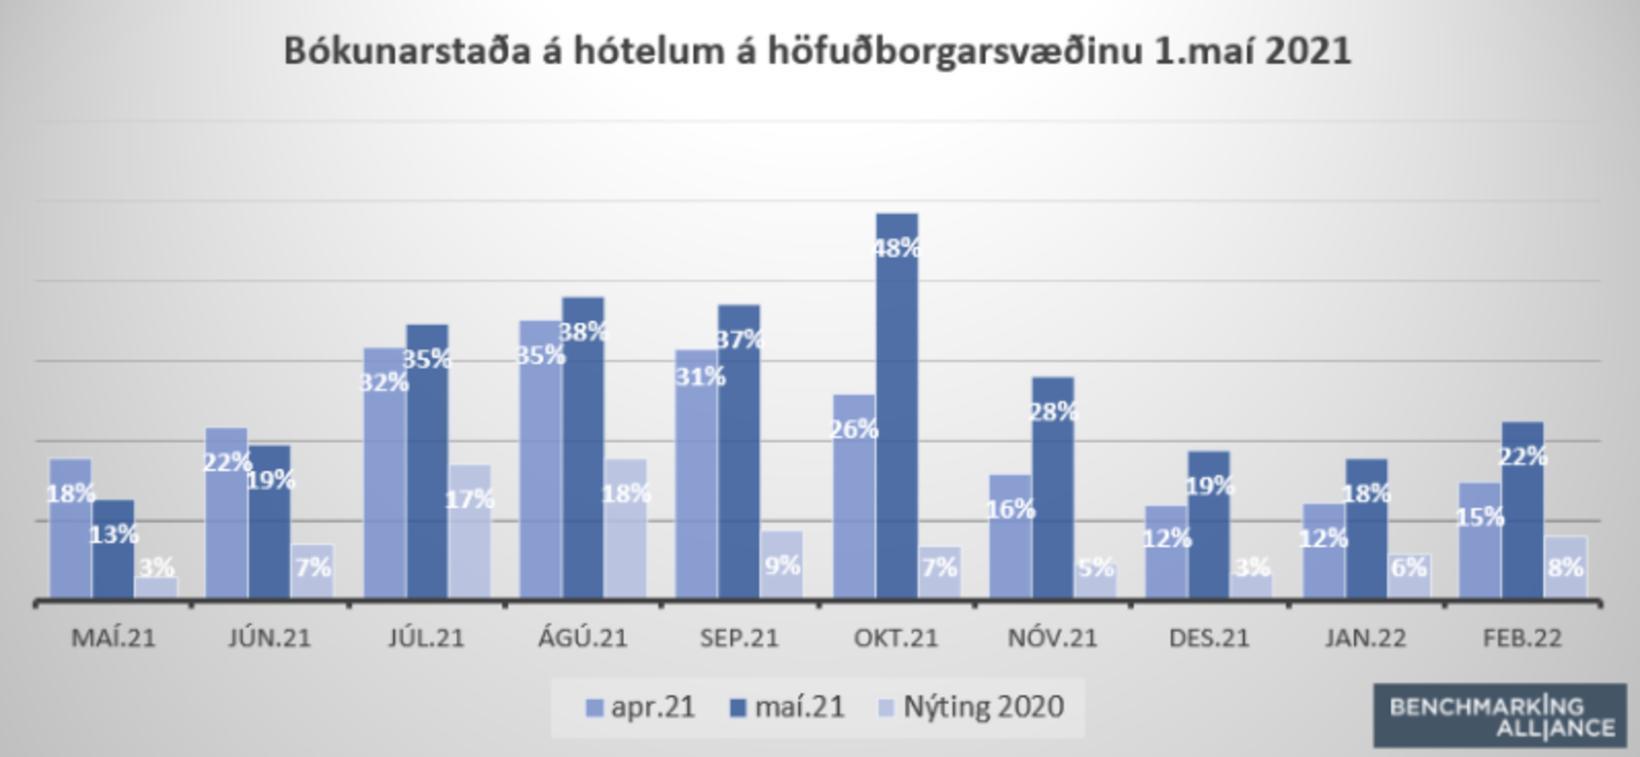 Munur á bókunarstöðu mánaða í apríl og maí.